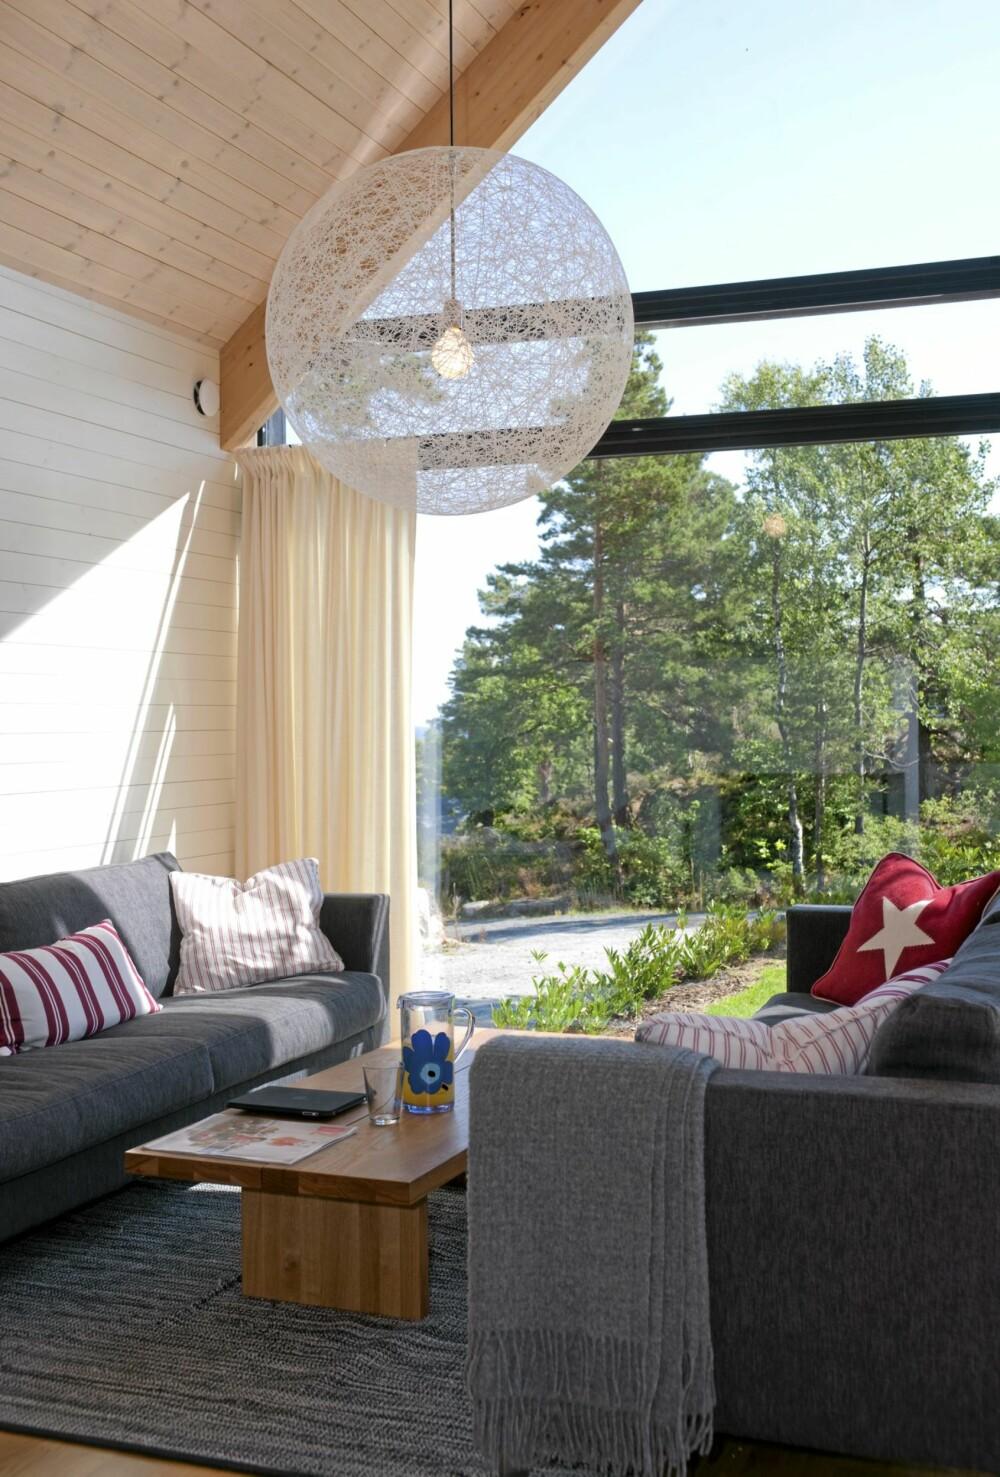 SOMMER PÅ SØRLANDET: En frodig, fargerik innredning understreker sommerstemningen i stuen.